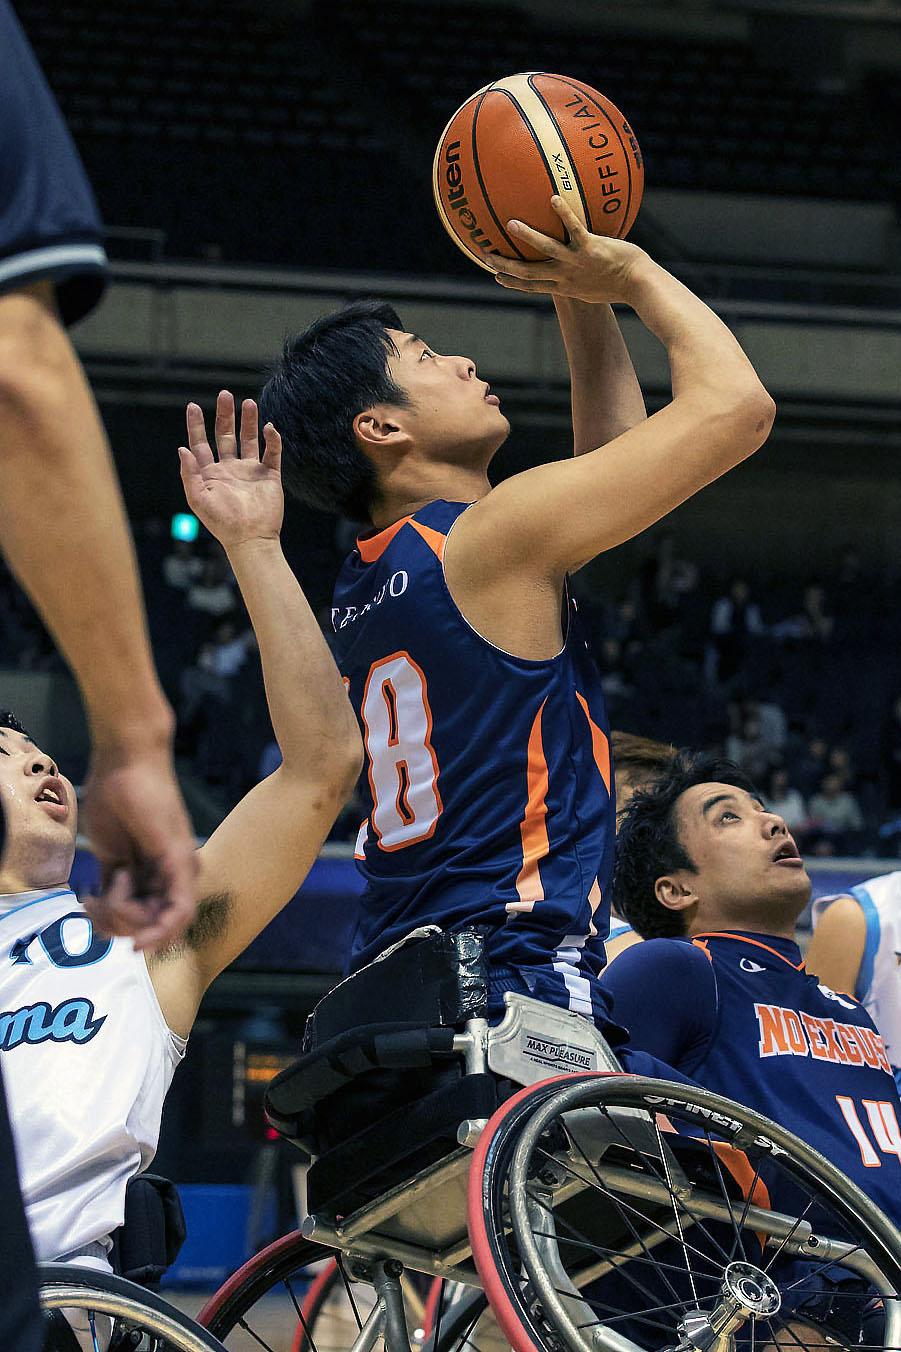 日本選手権で積極的にゴールに向かう姿を見せた森谷(撮影:越智貴雄)